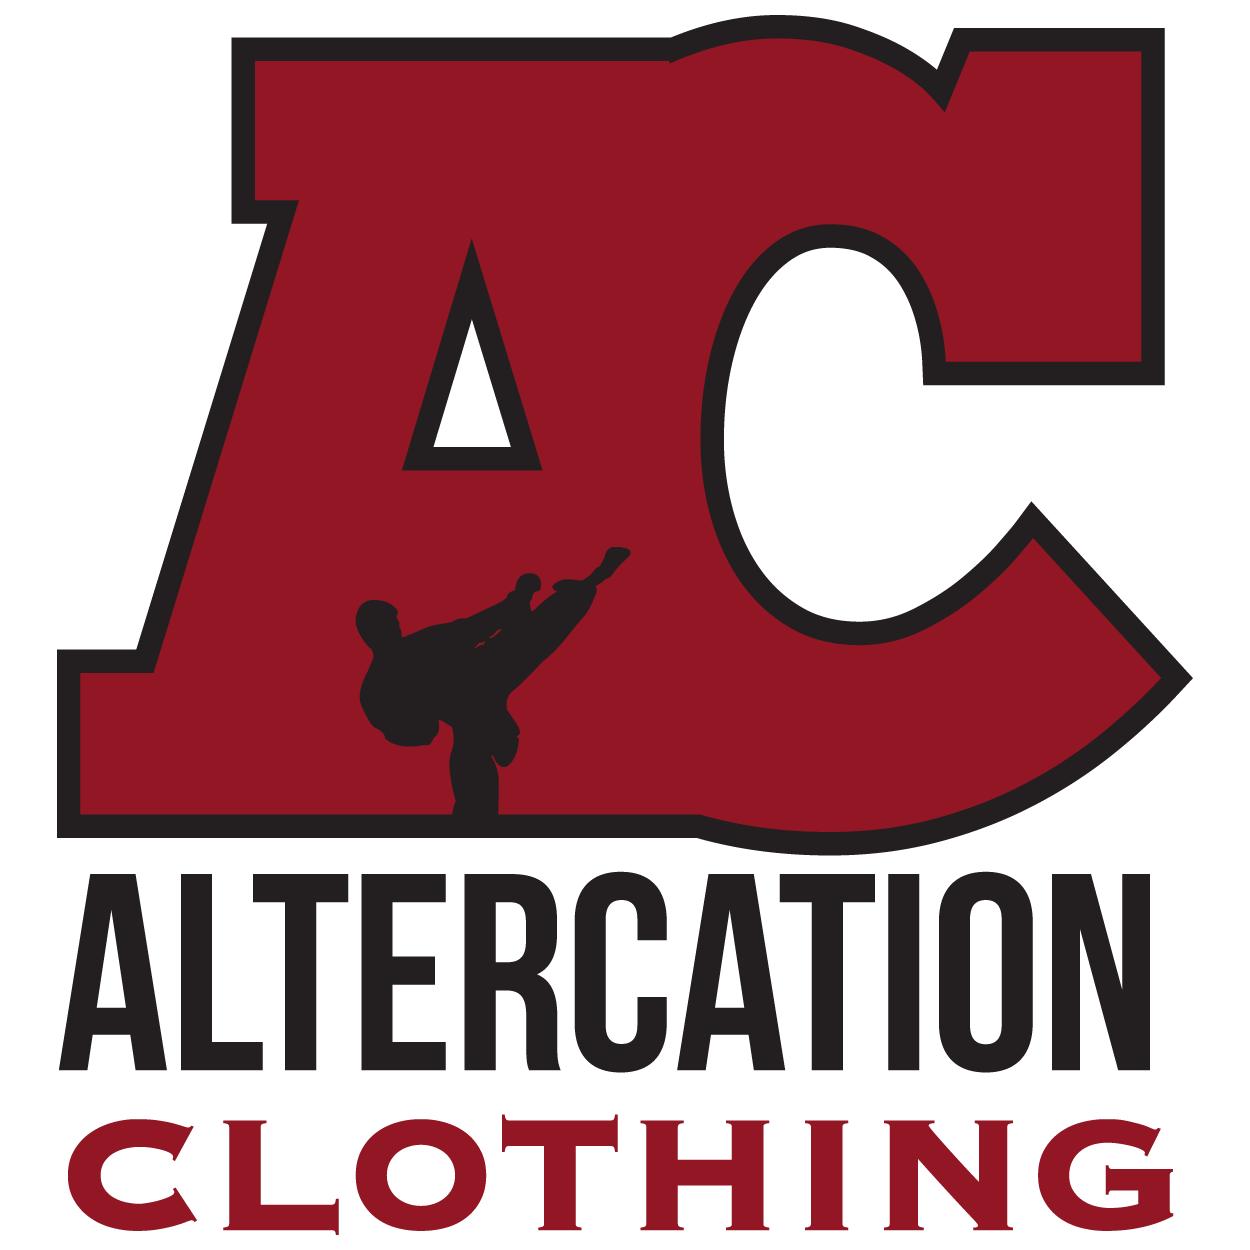 Altercation Clothing image 6